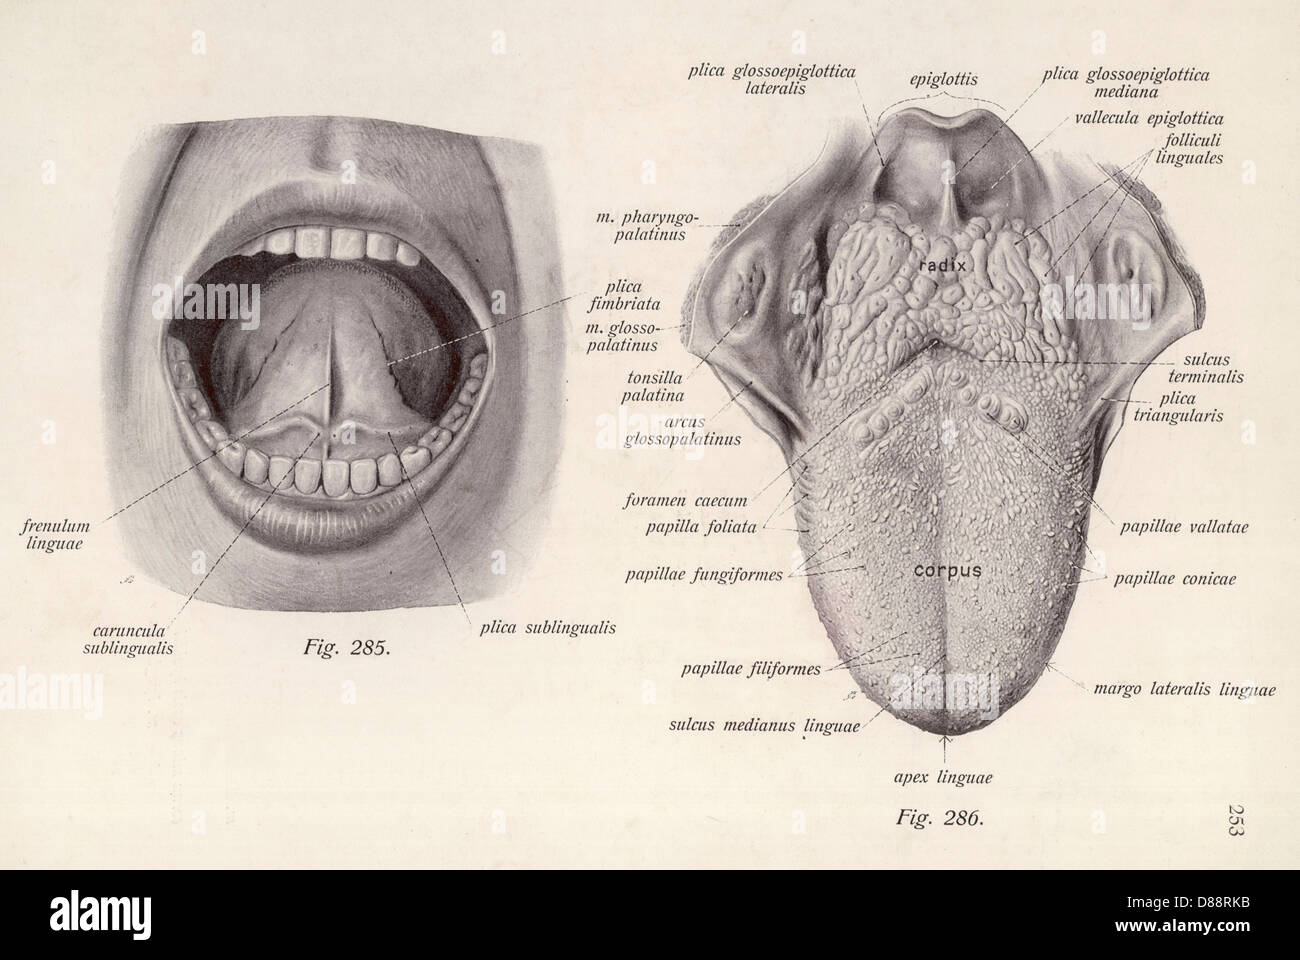 Anatomie Kopf Zunge Stockfoto, Bild: 56742543 - Alamy